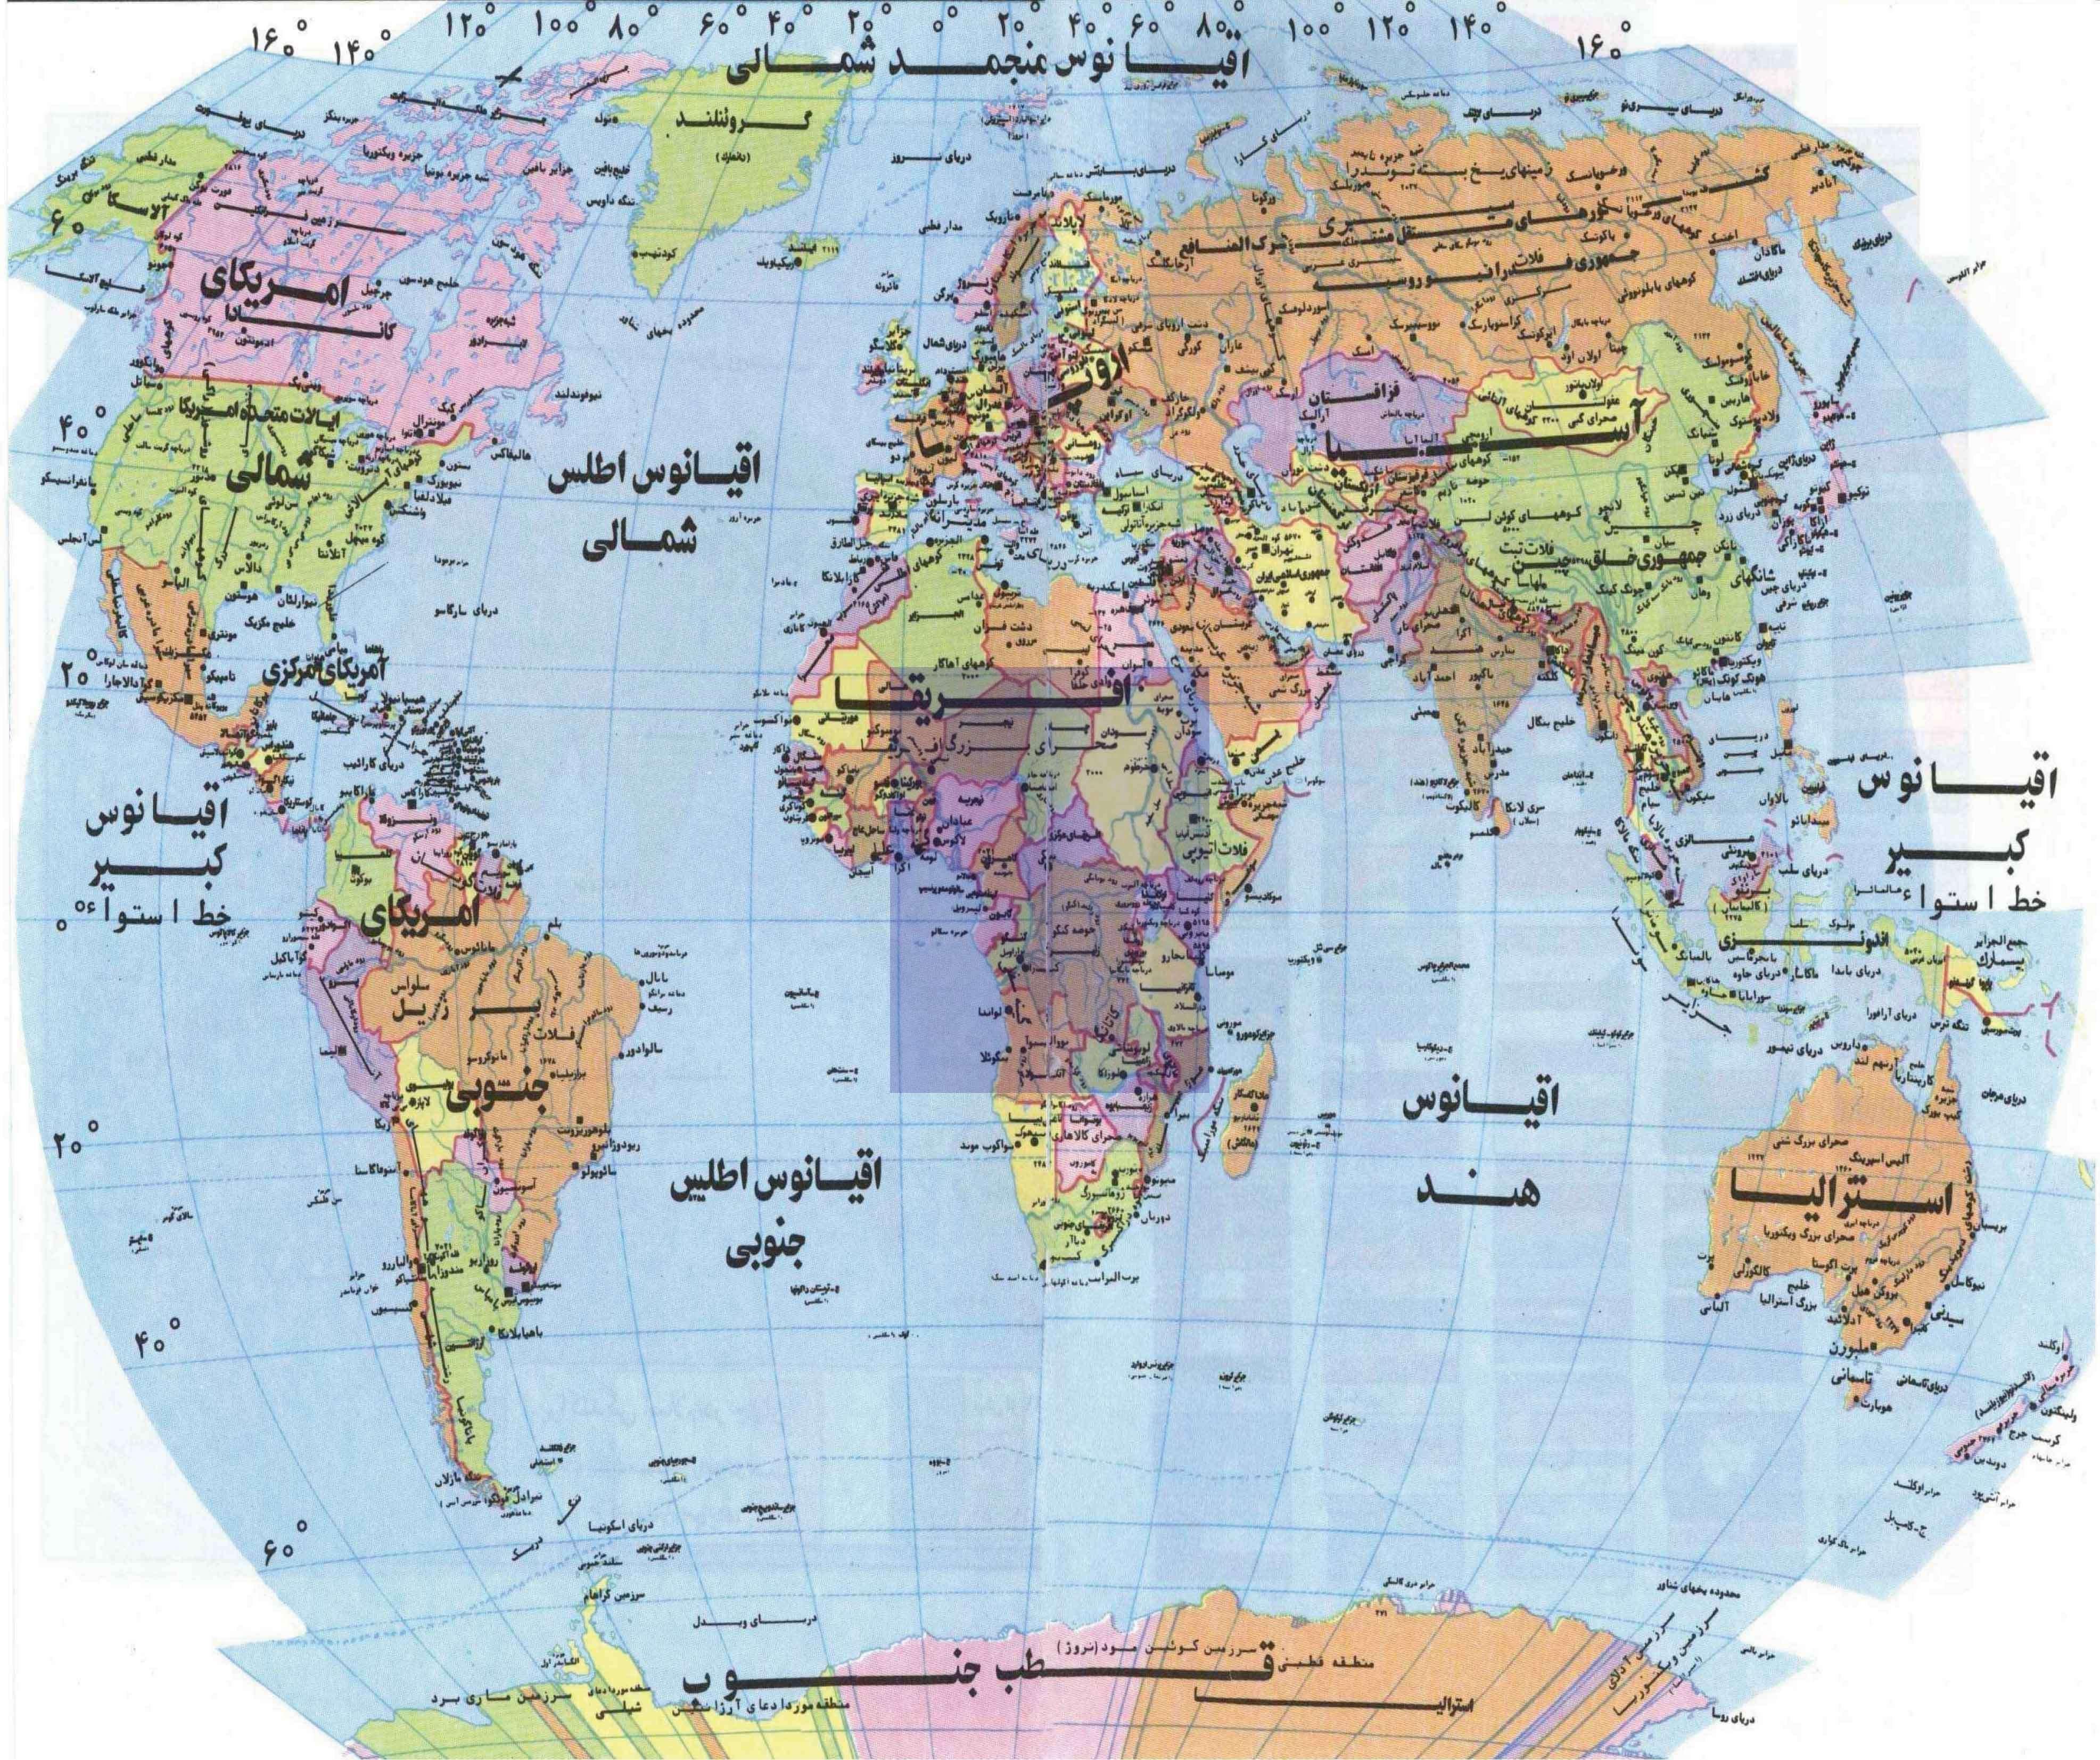 نقشه جهان نقشه جهان فارسی با کیفیت نقشه جهان به فارسی دانلود نقشه جهان دانلود نقشه جهان برای اندروید و کامپیوتر